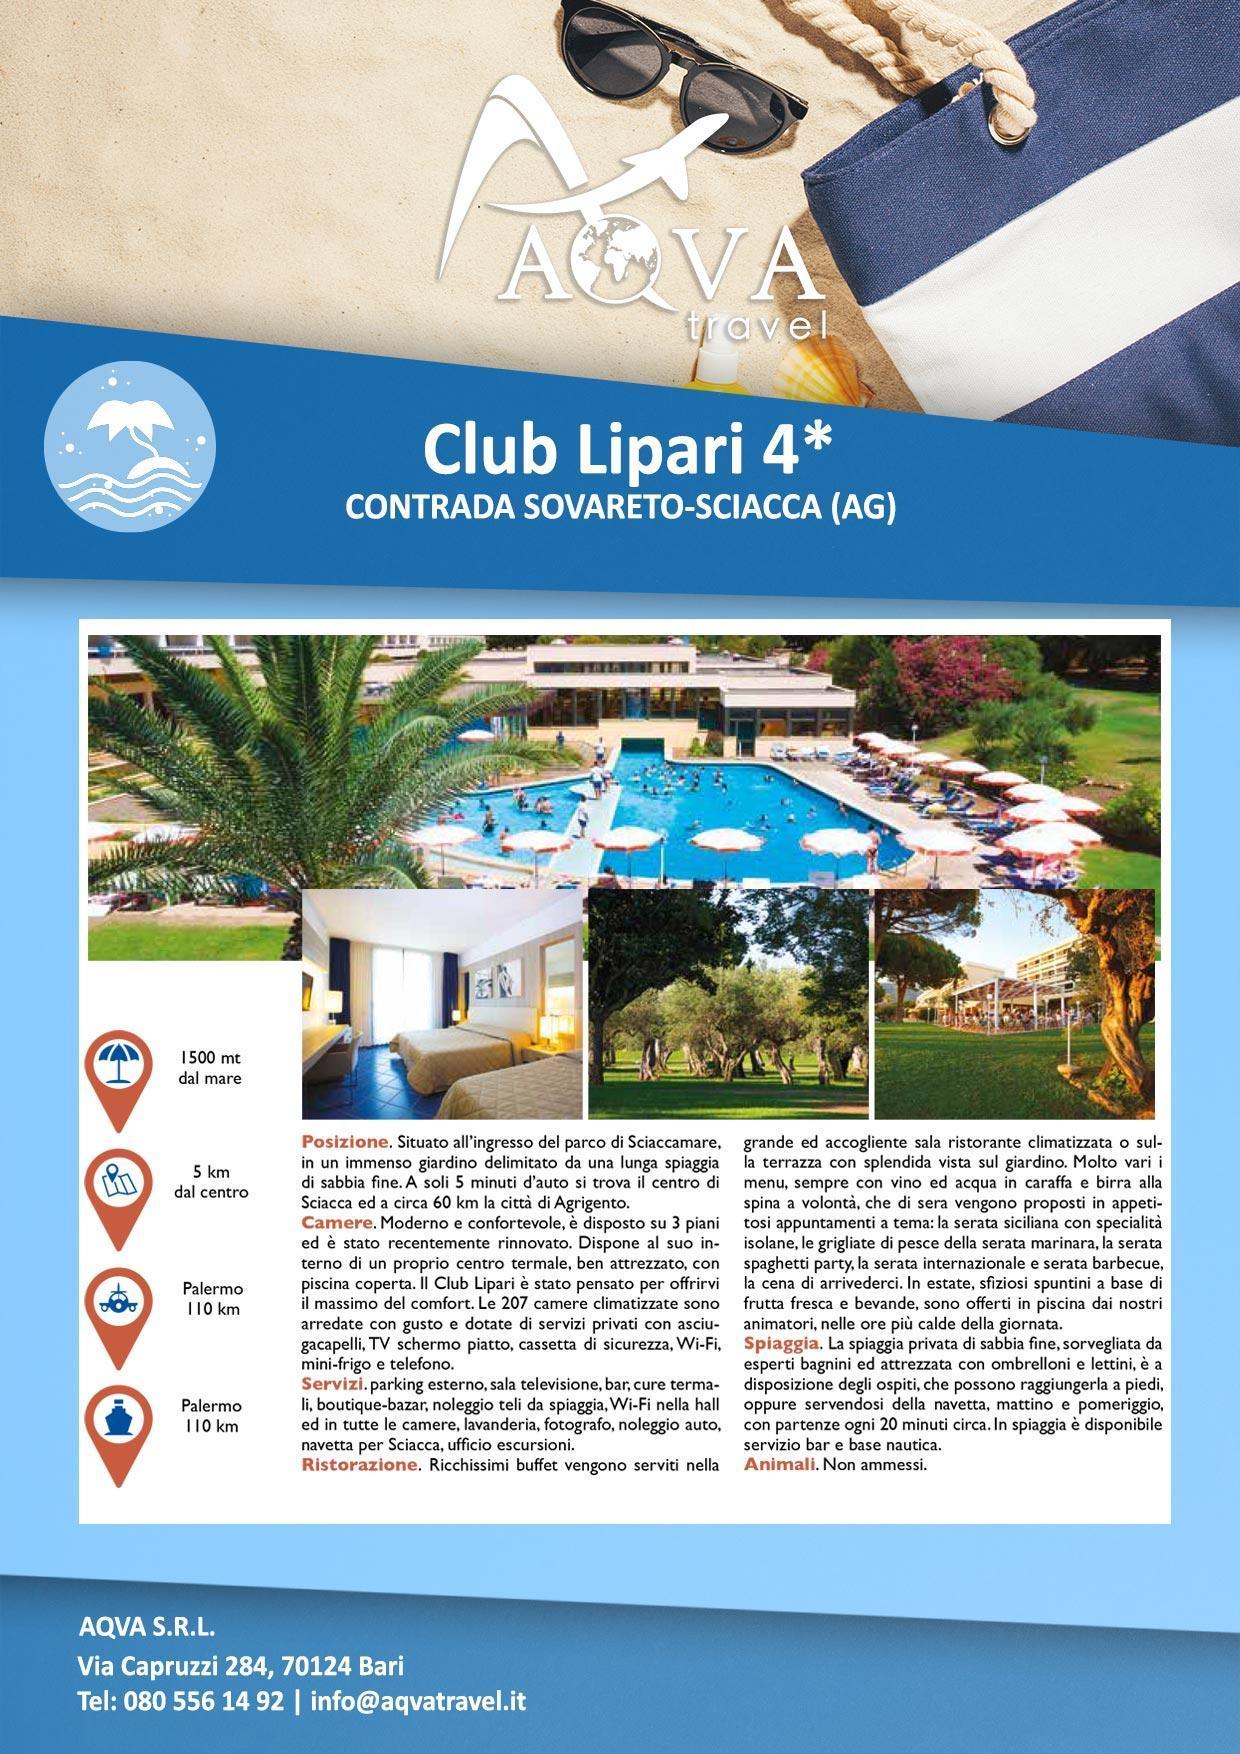 Club-Lipari---Mare-offerte-agenzia-di-viaggi-Bari-AQVATRAVEL-it